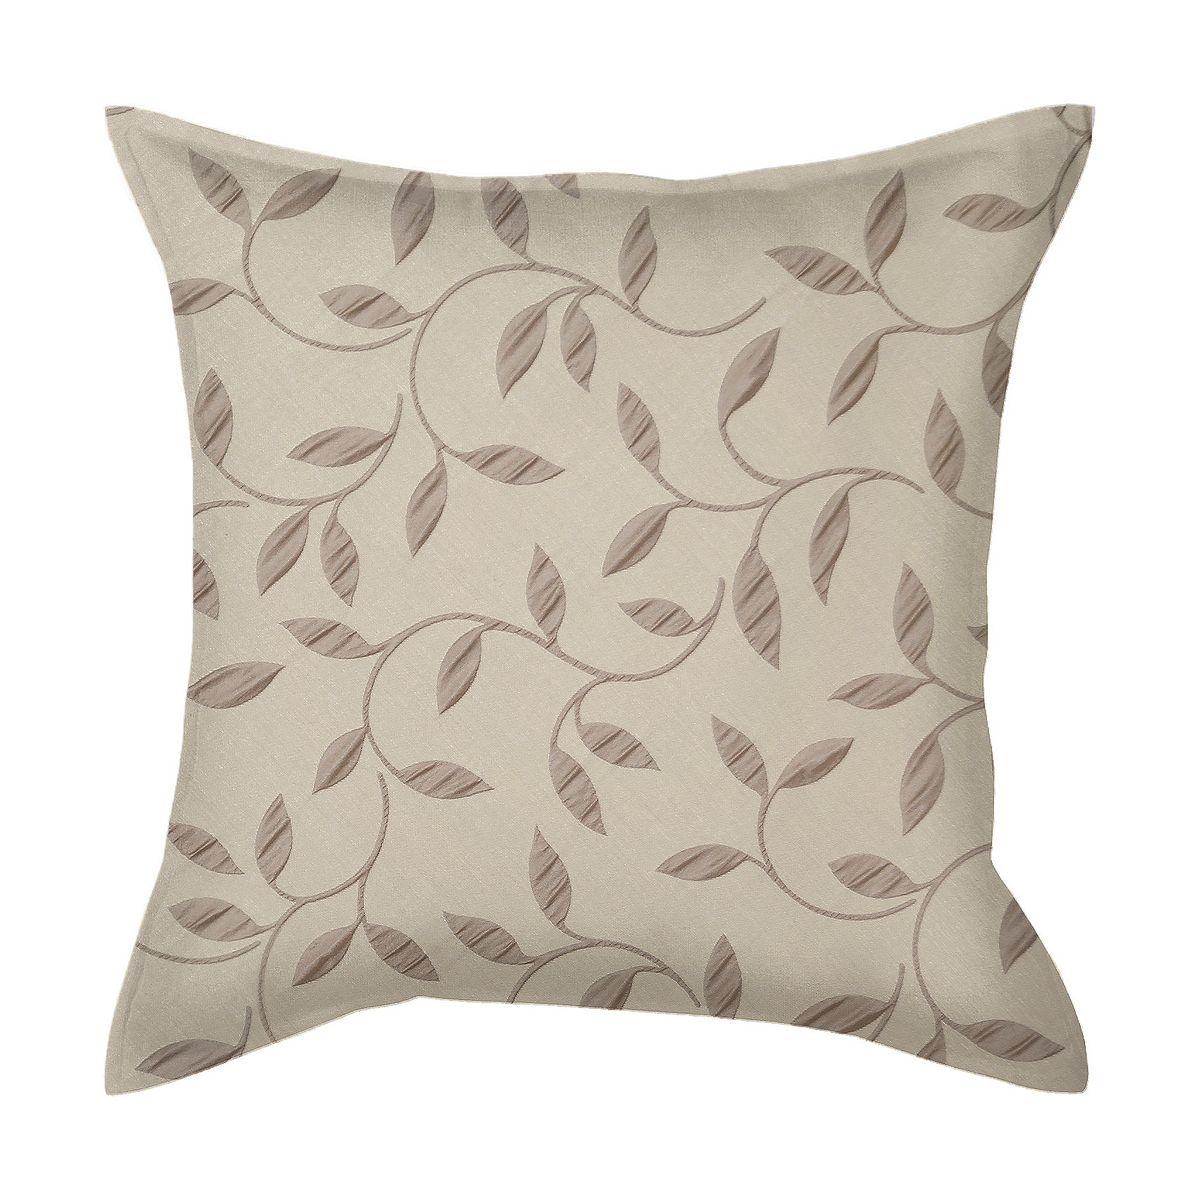 Наволочка декоративная Garden, цвет: серый, 40 х 40 см. N 535977 V3 наволочка декоративная дельфины 40 см х 40 см